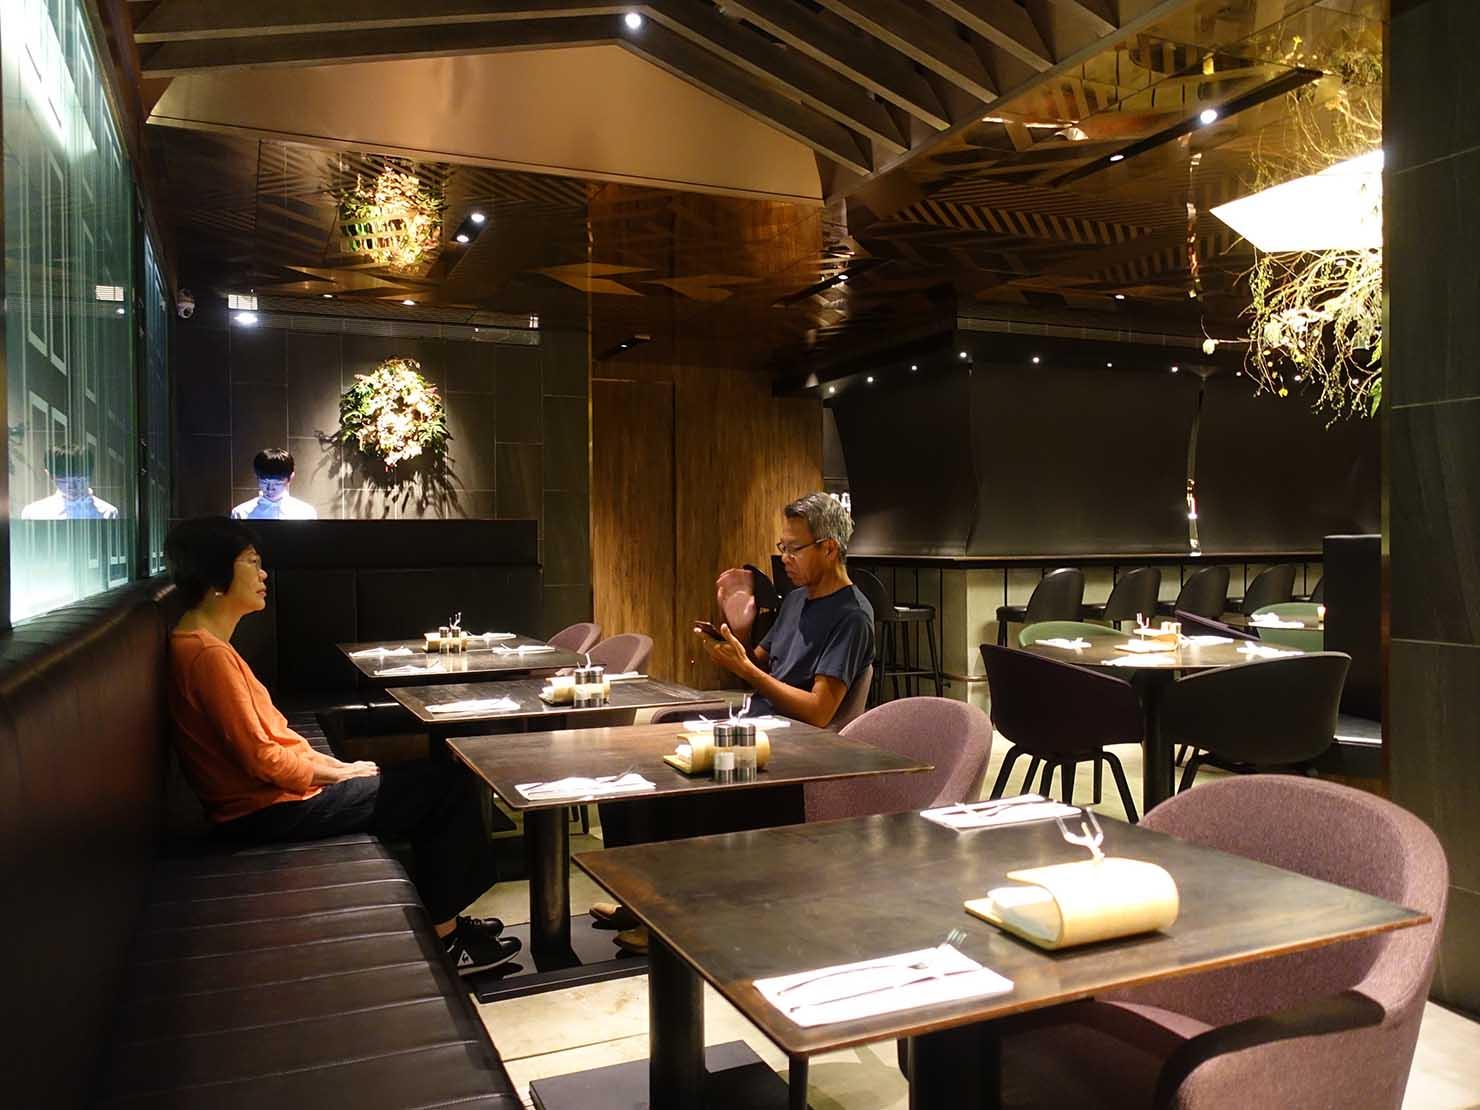 台中駅前のおすすめデザインホテル「紅點文旅 RedDot Hotel」のレストラン・L'AROMEのテーブル席